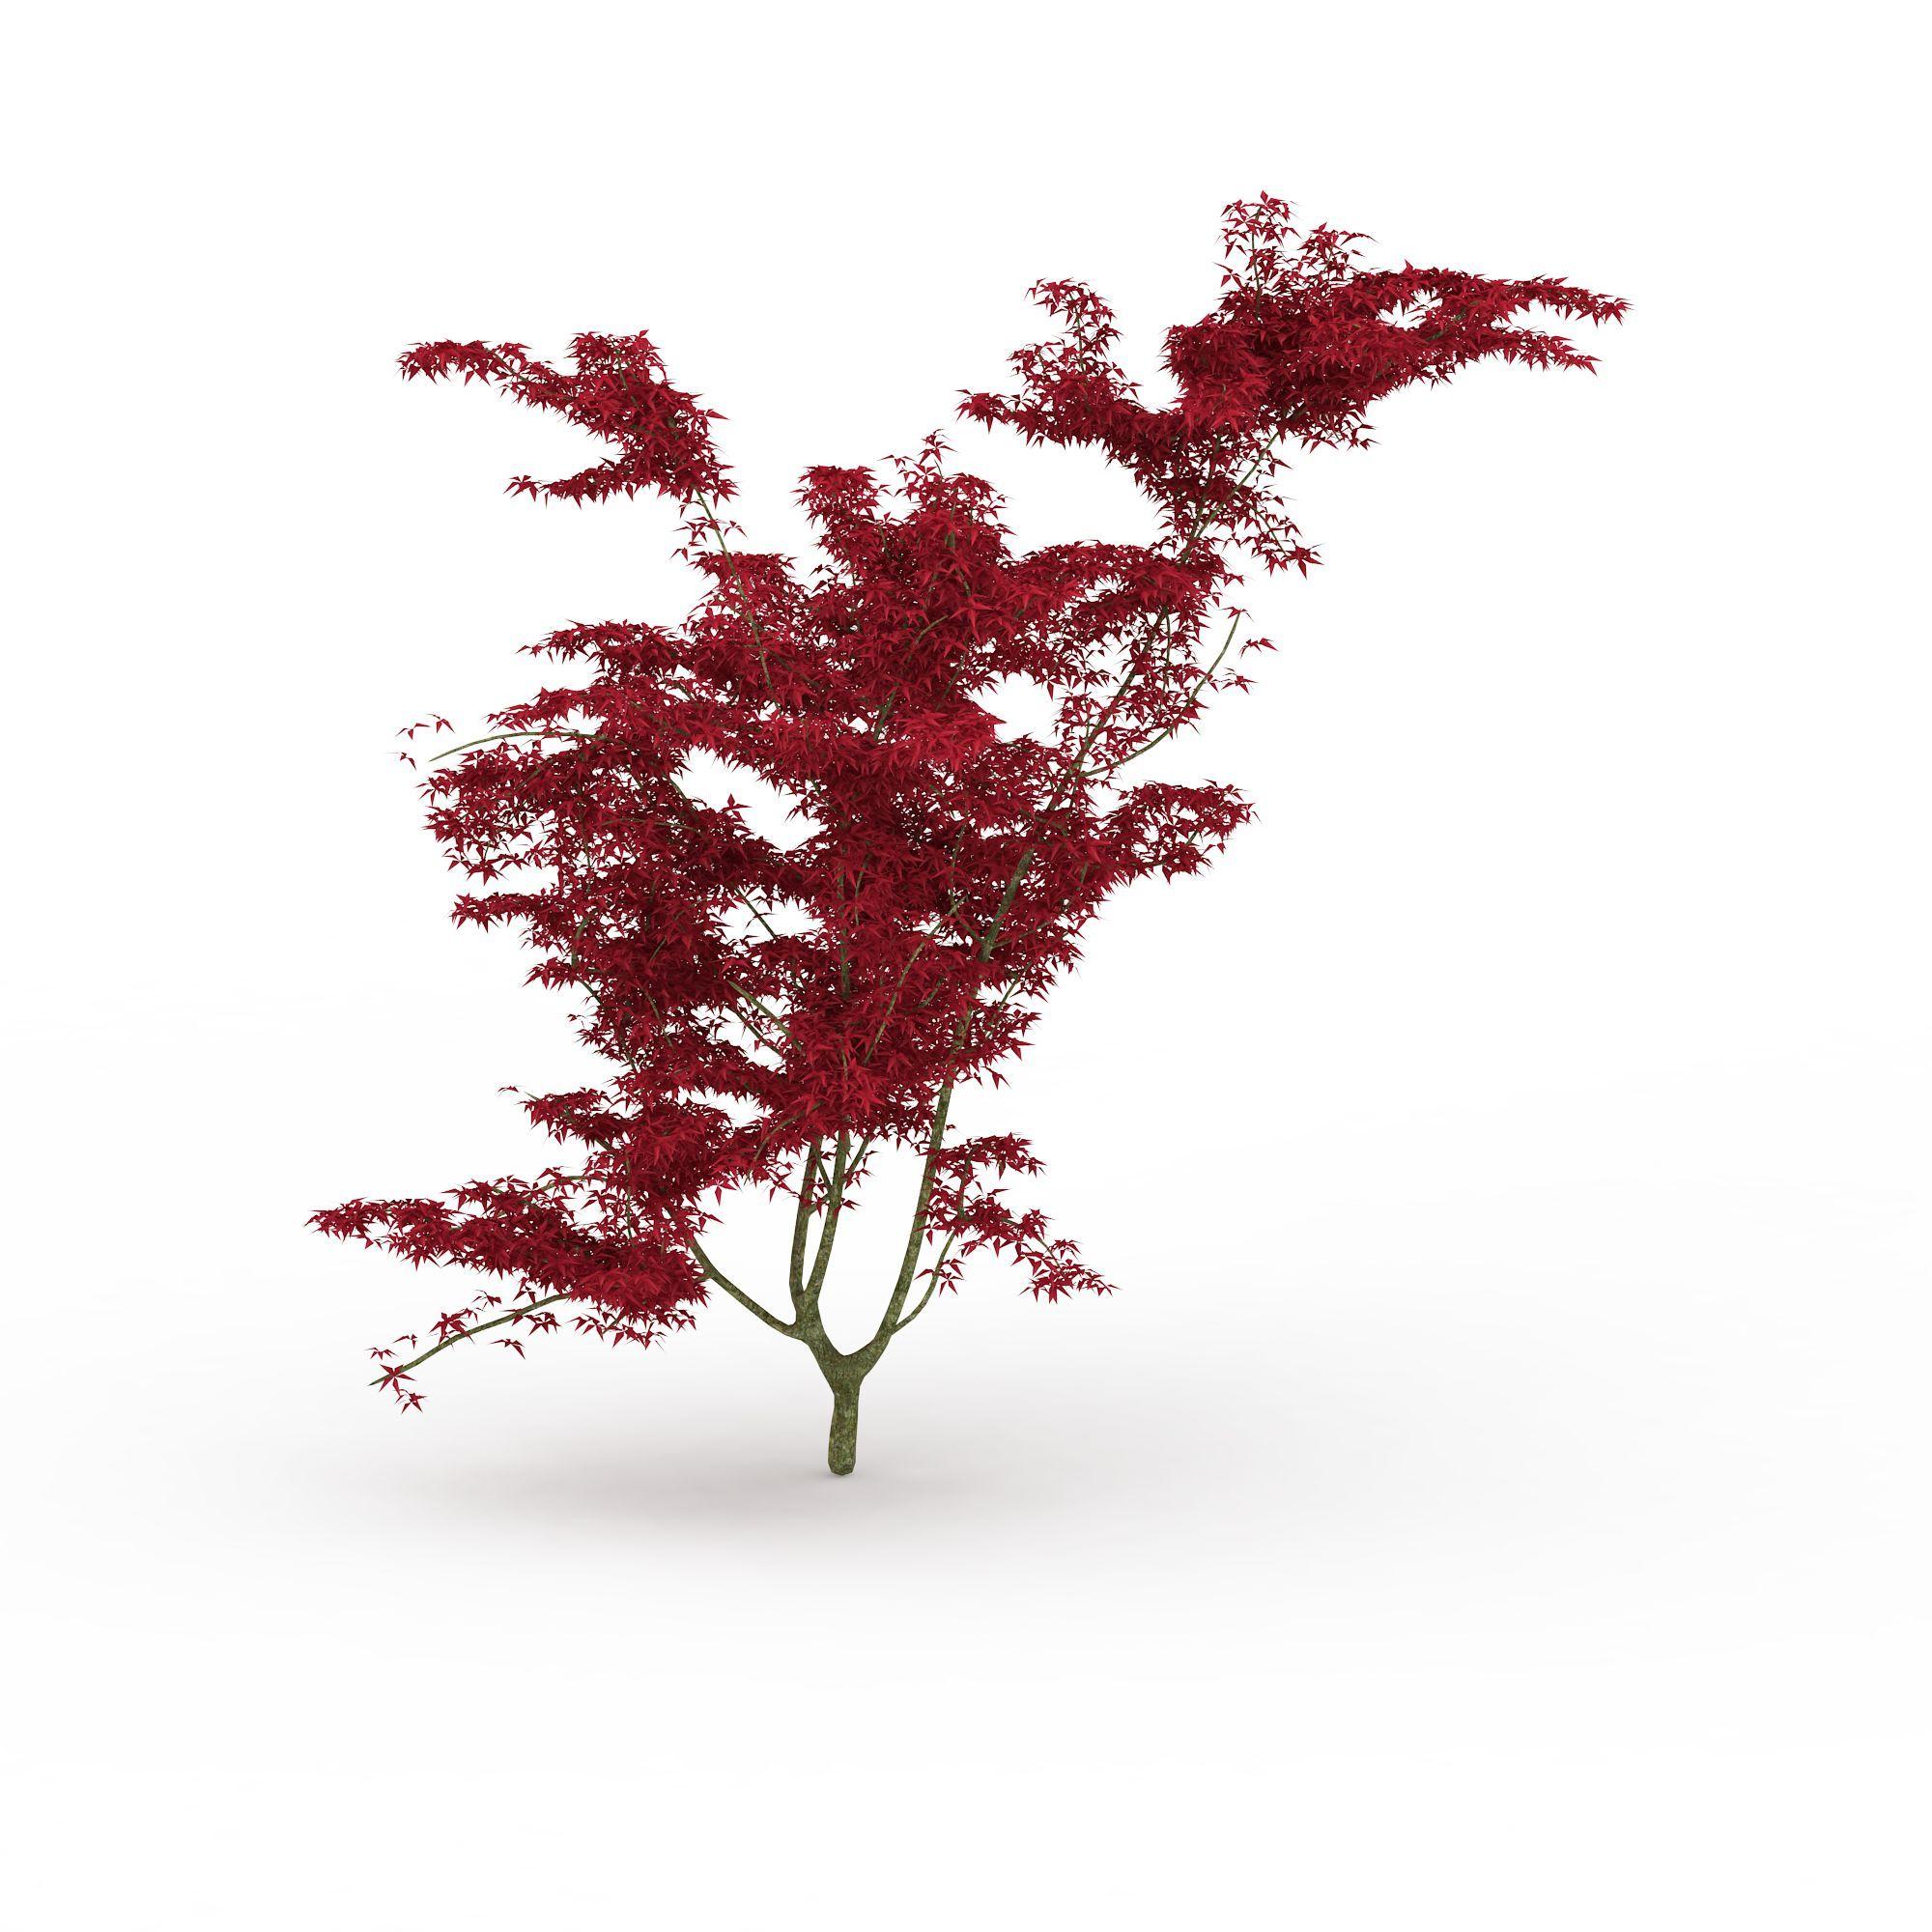 枫树png高清图片下载